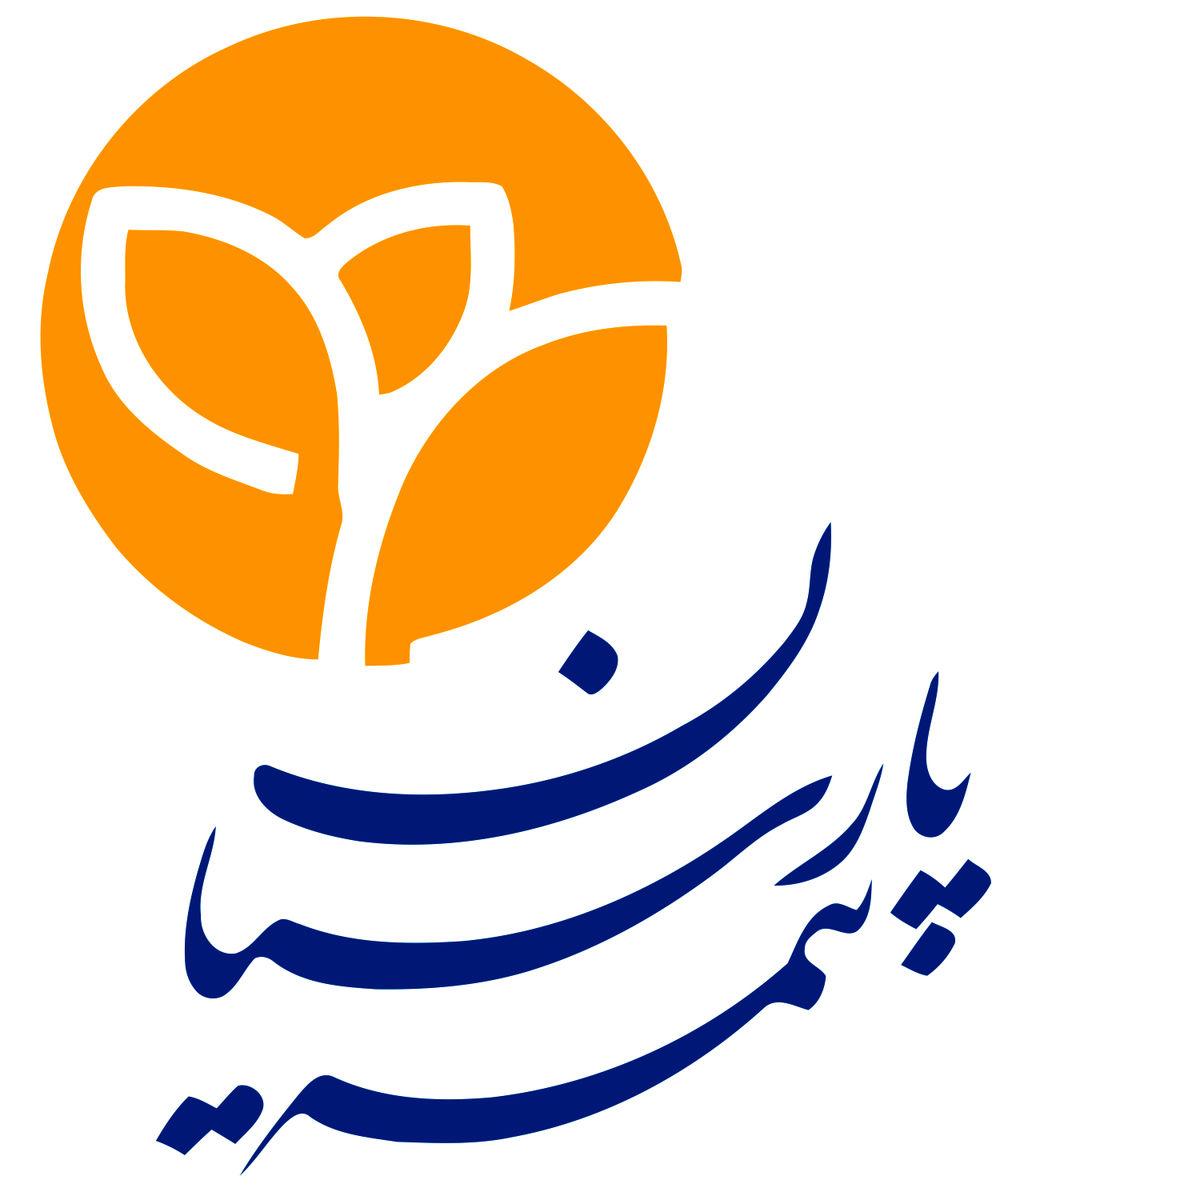 تخفیفات ویژه بیمه پارسیان به مناسبت روز ایمنی و آتش نشانی